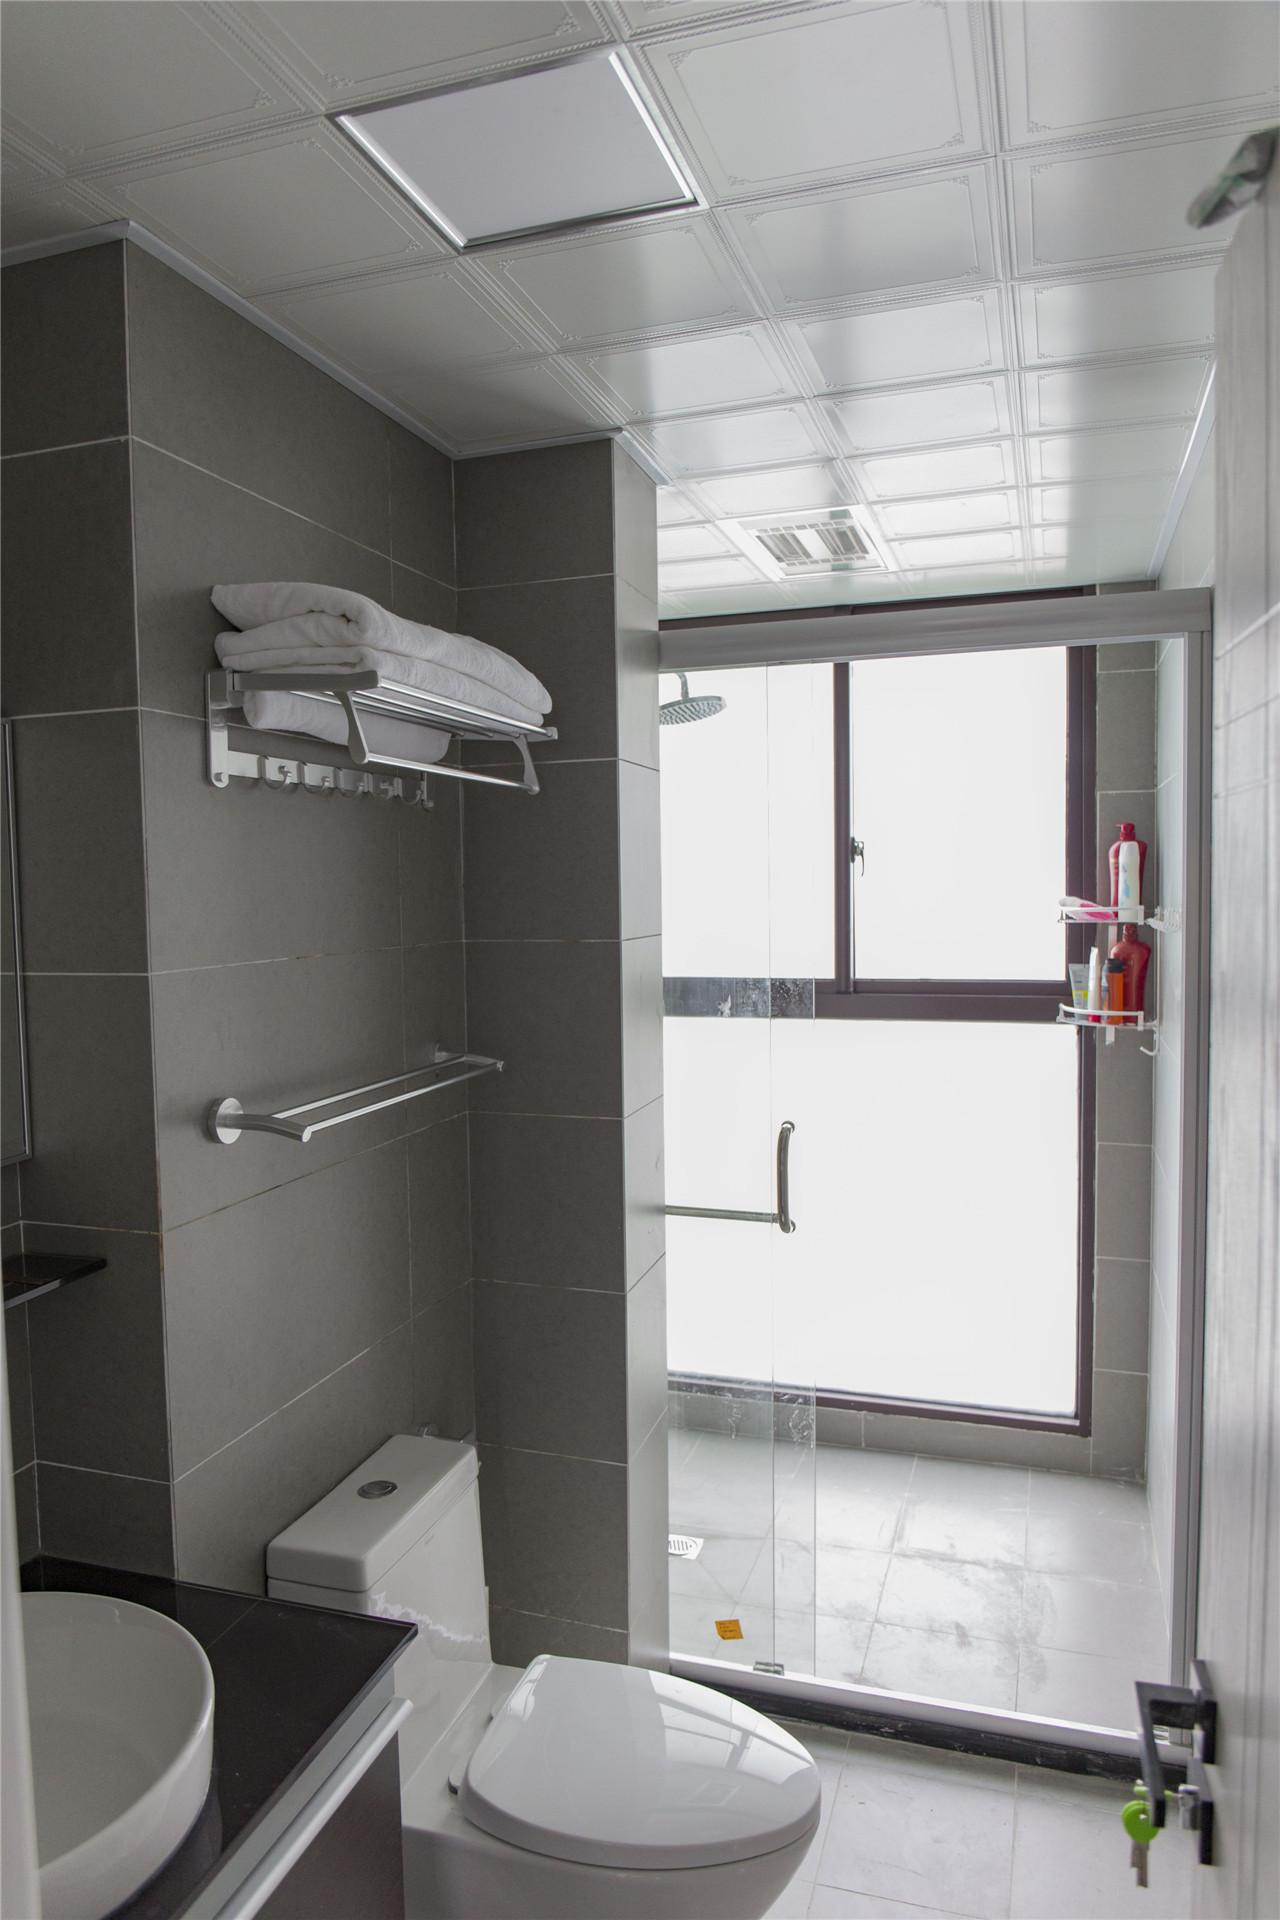 楼上的卫生间空间很大,做了干湿分离。